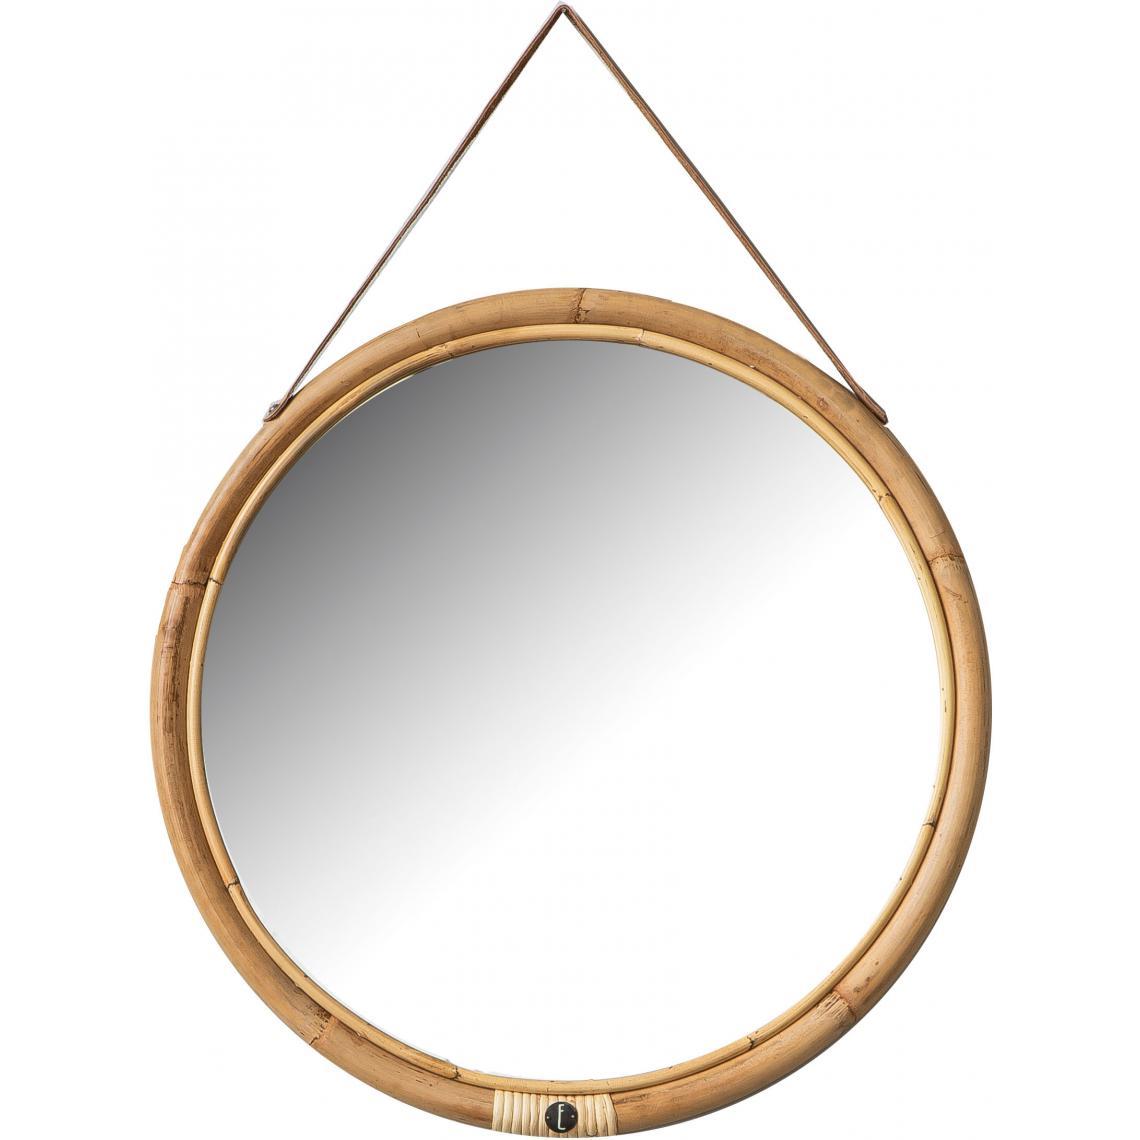 miroir rond o52 cadre en rotin et sangle en cuir bolivia